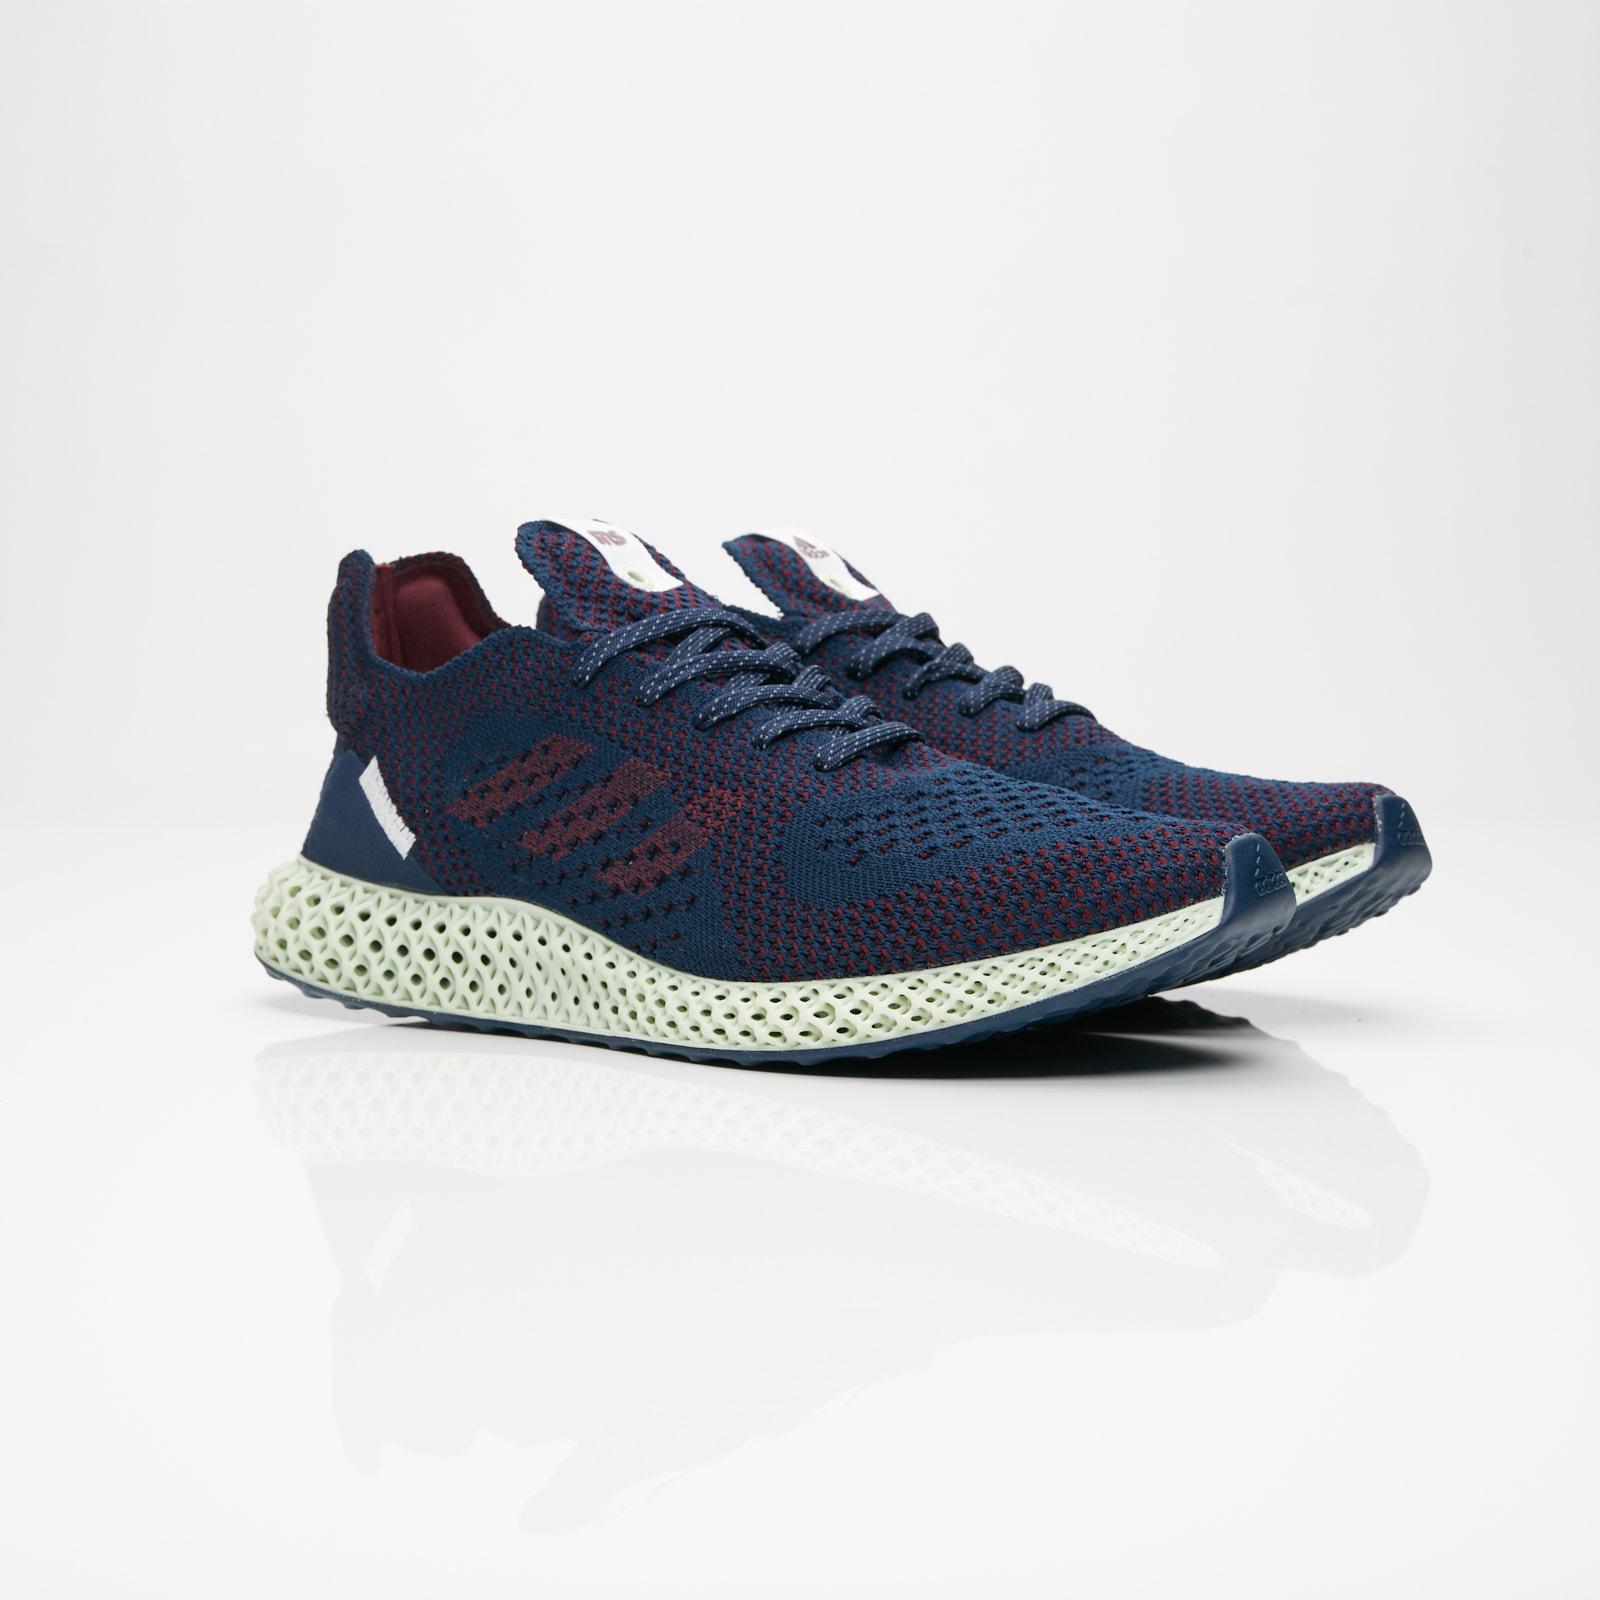 adidas 4D x Sneakersnstuff B96533 Sneakersnstuff